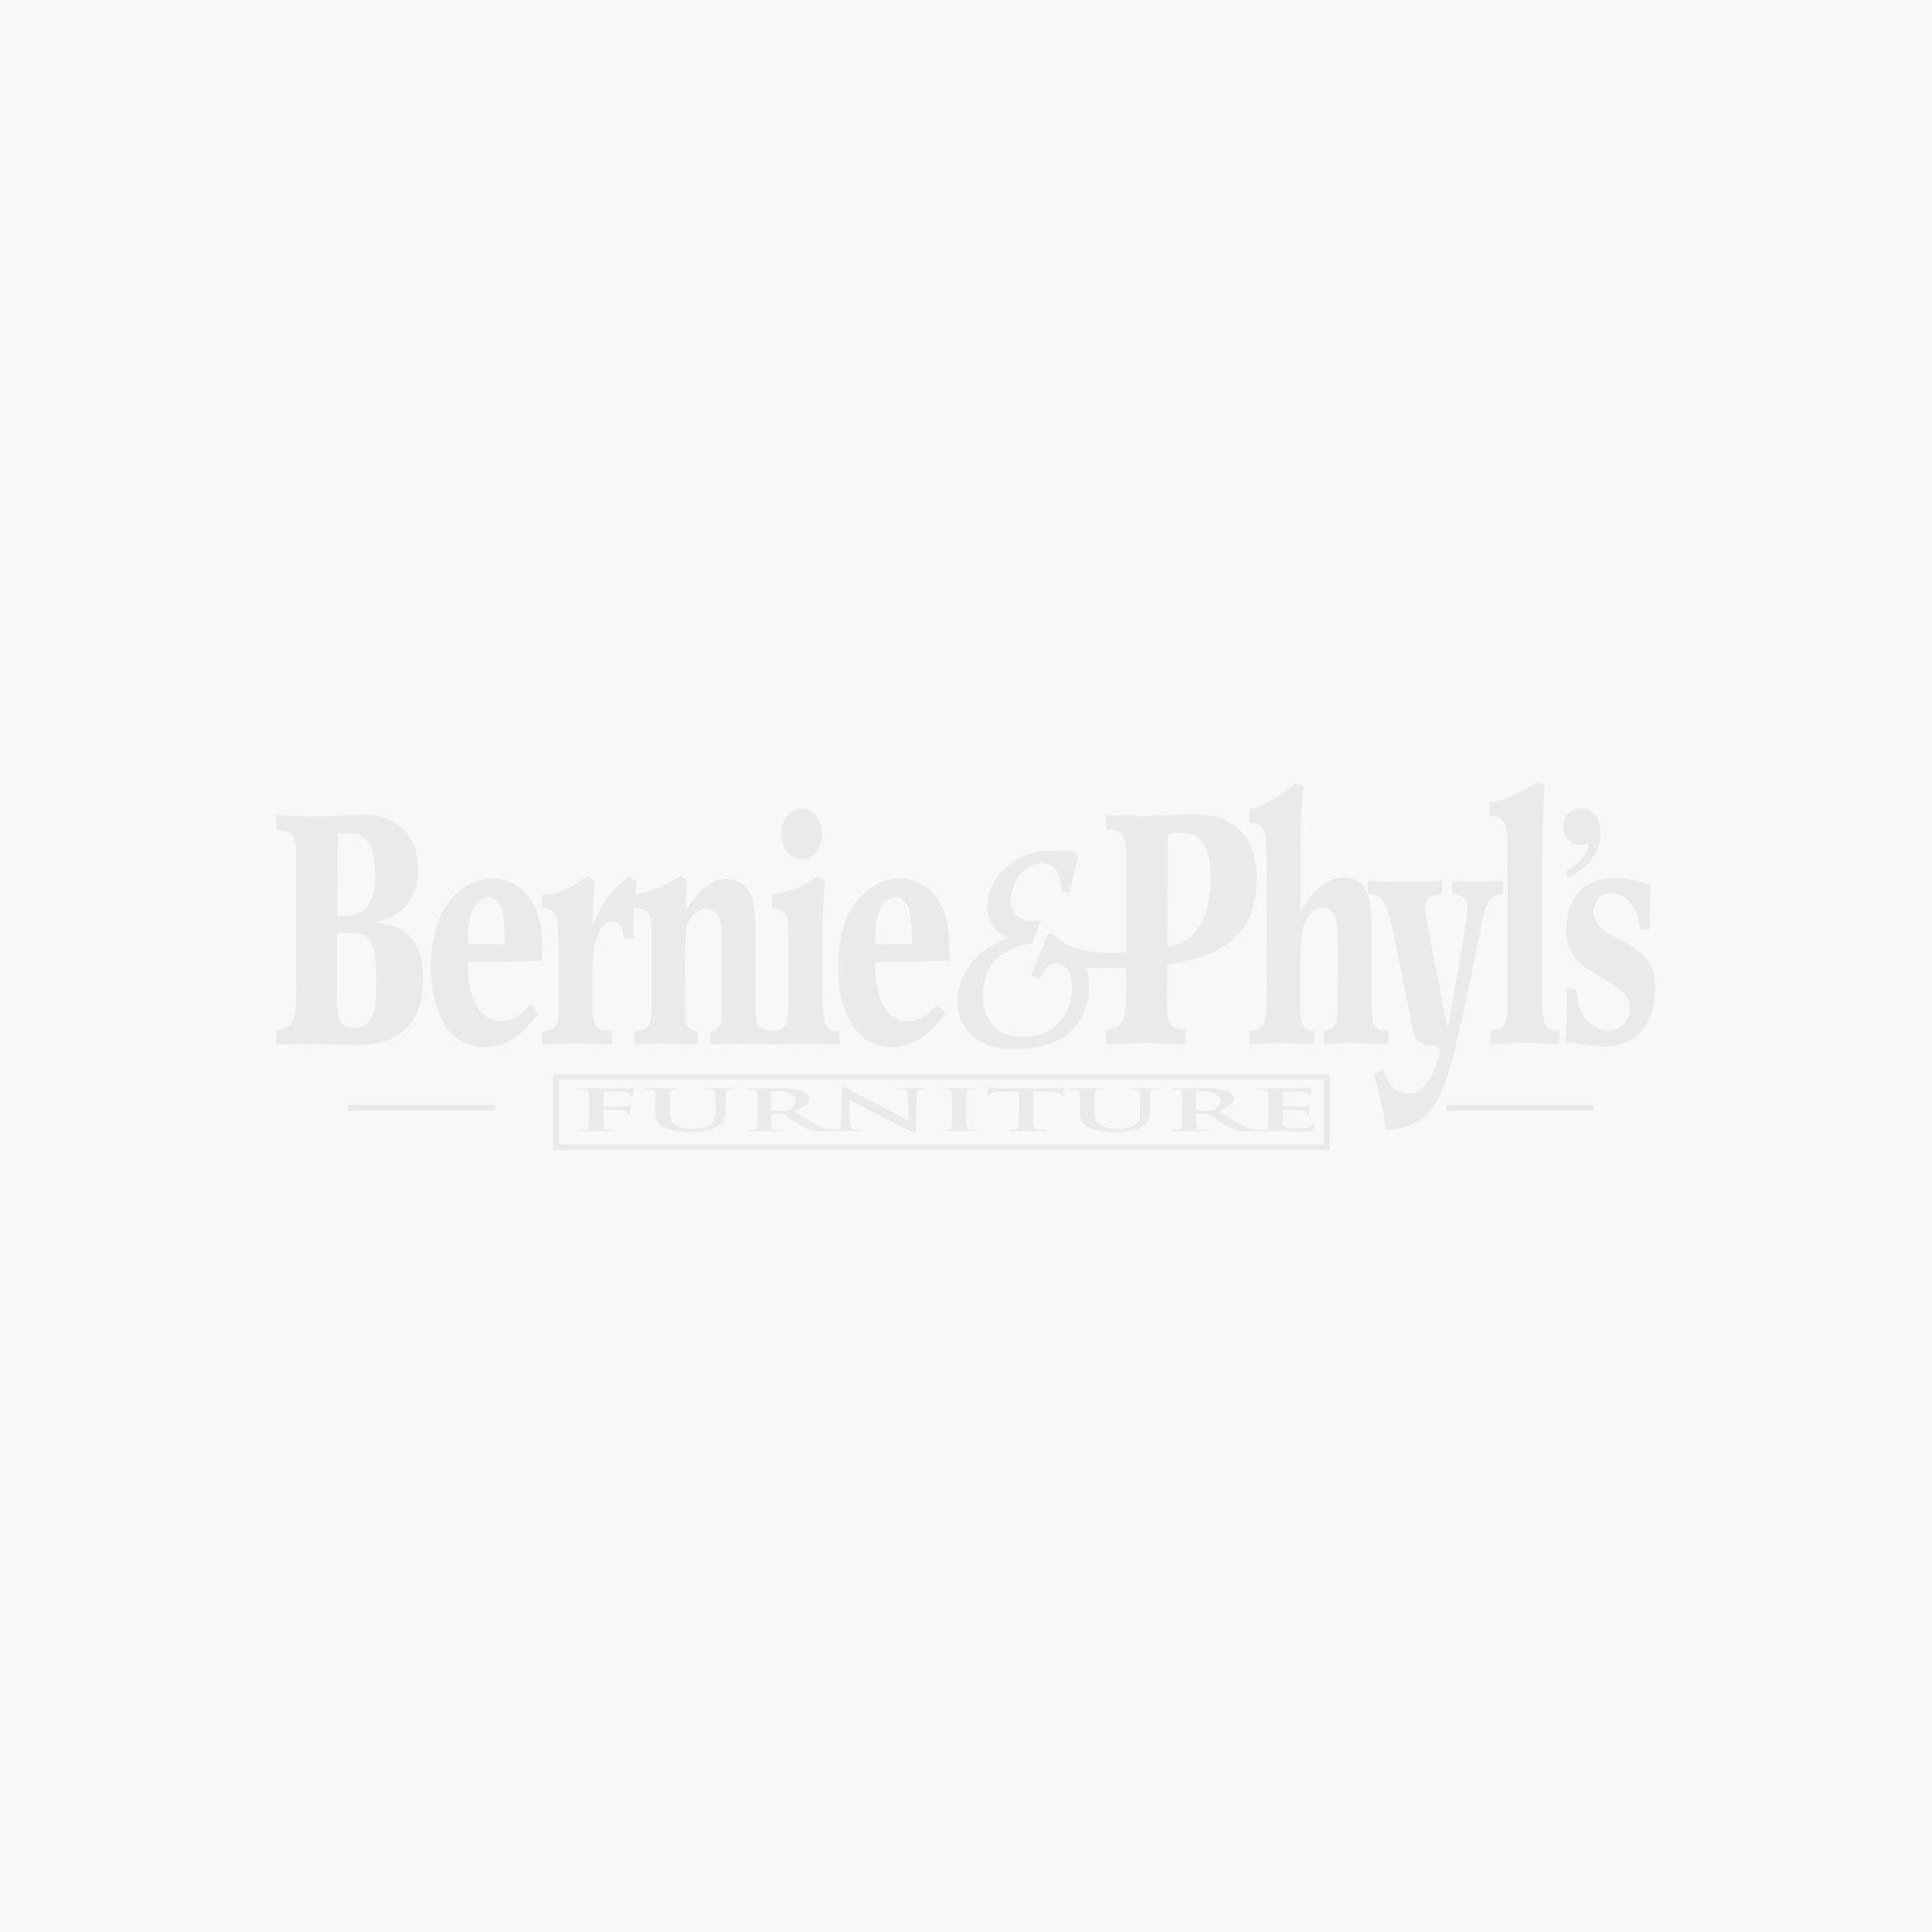 Westlake Storage Bed - Storage Beds - Wood Beds - Bedroom - Bernie ...